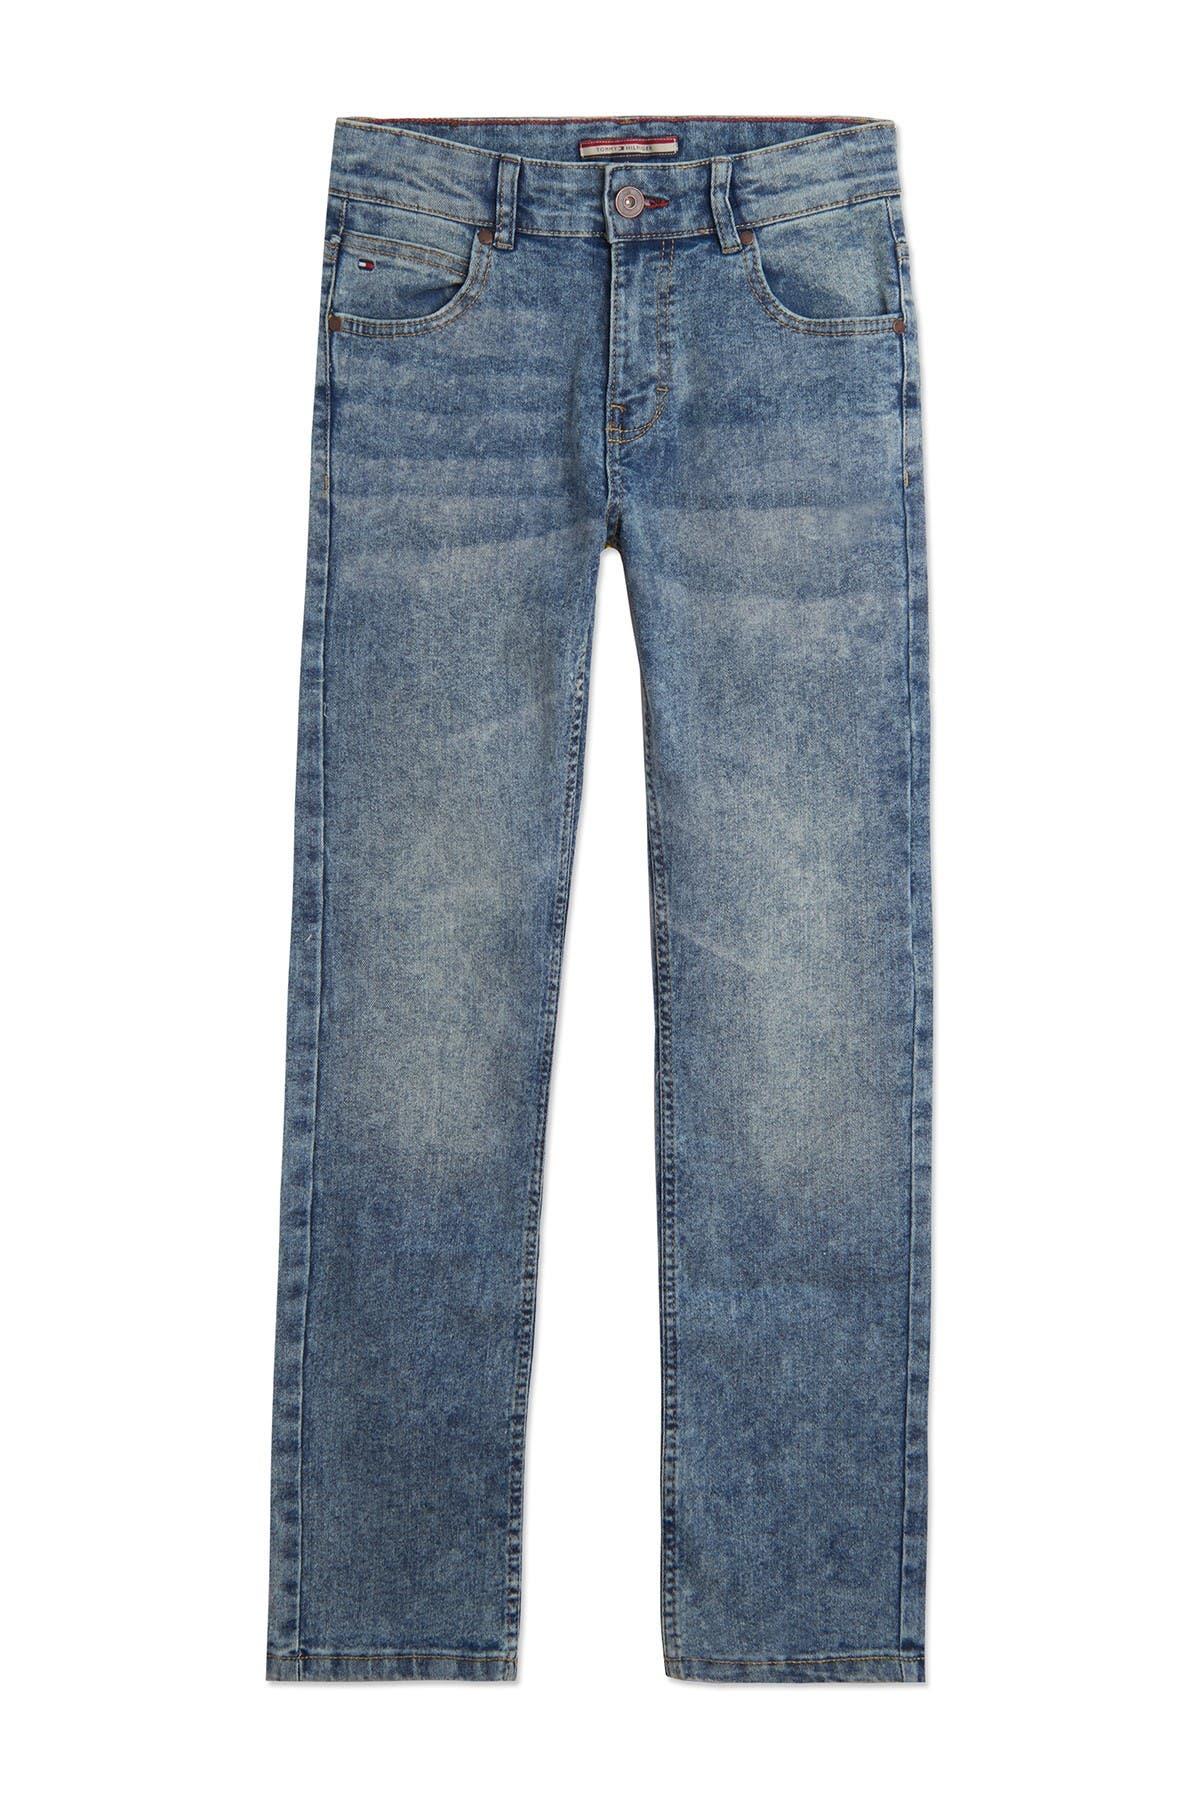 Image of Tommy Hilfiger Revolution Fit Jeans